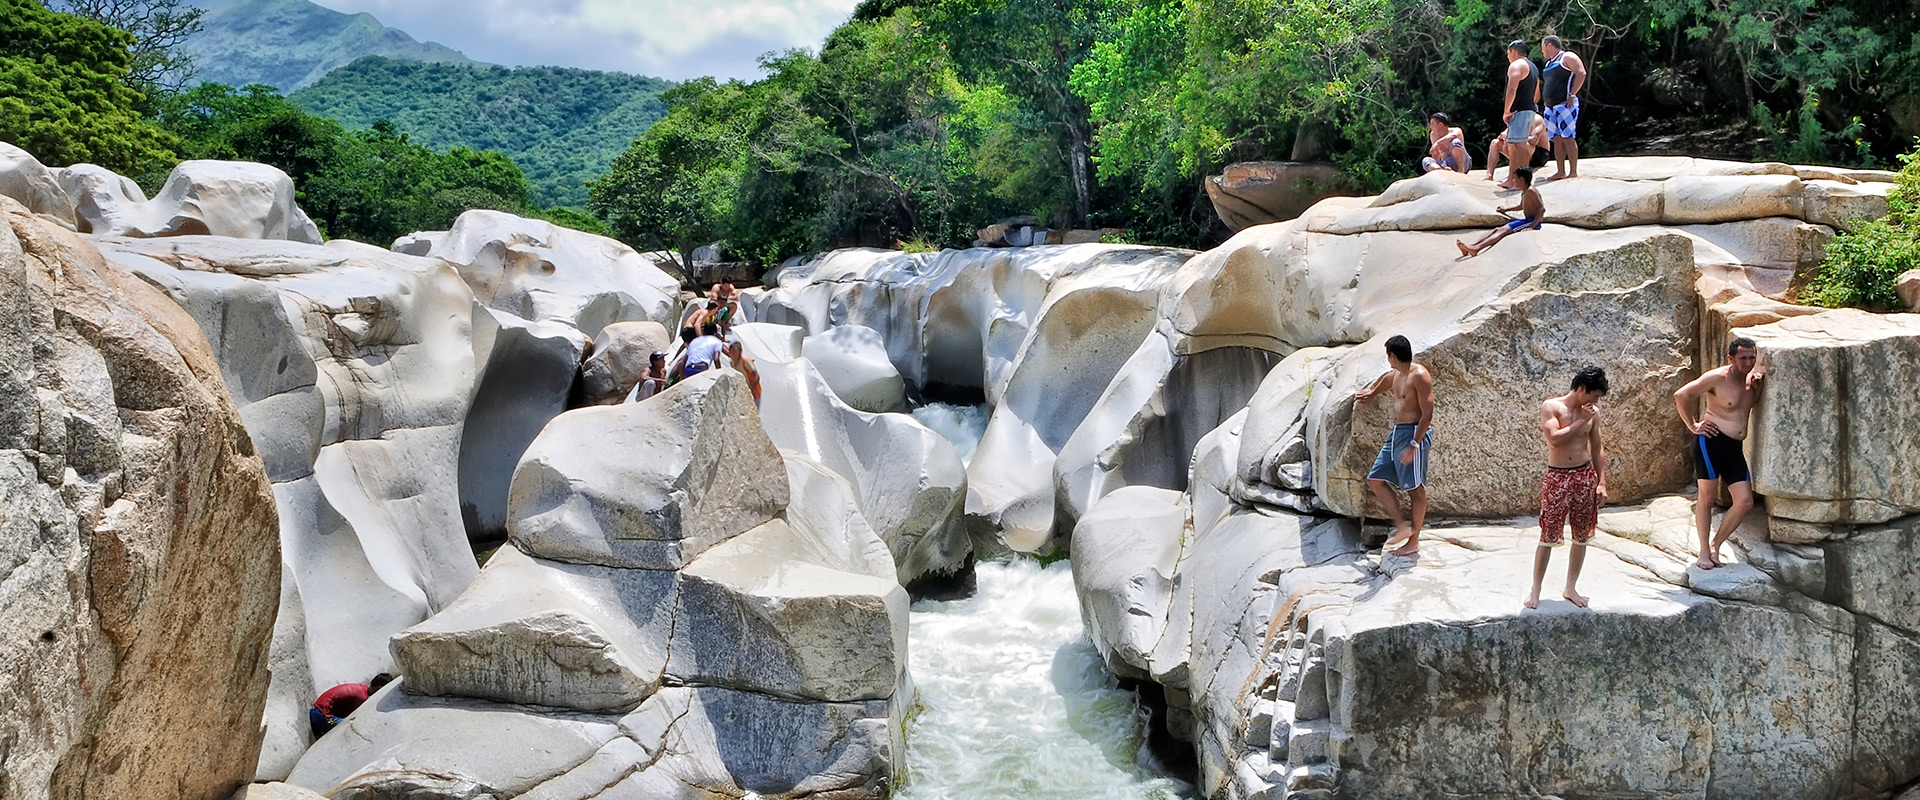 rio badillo la mina